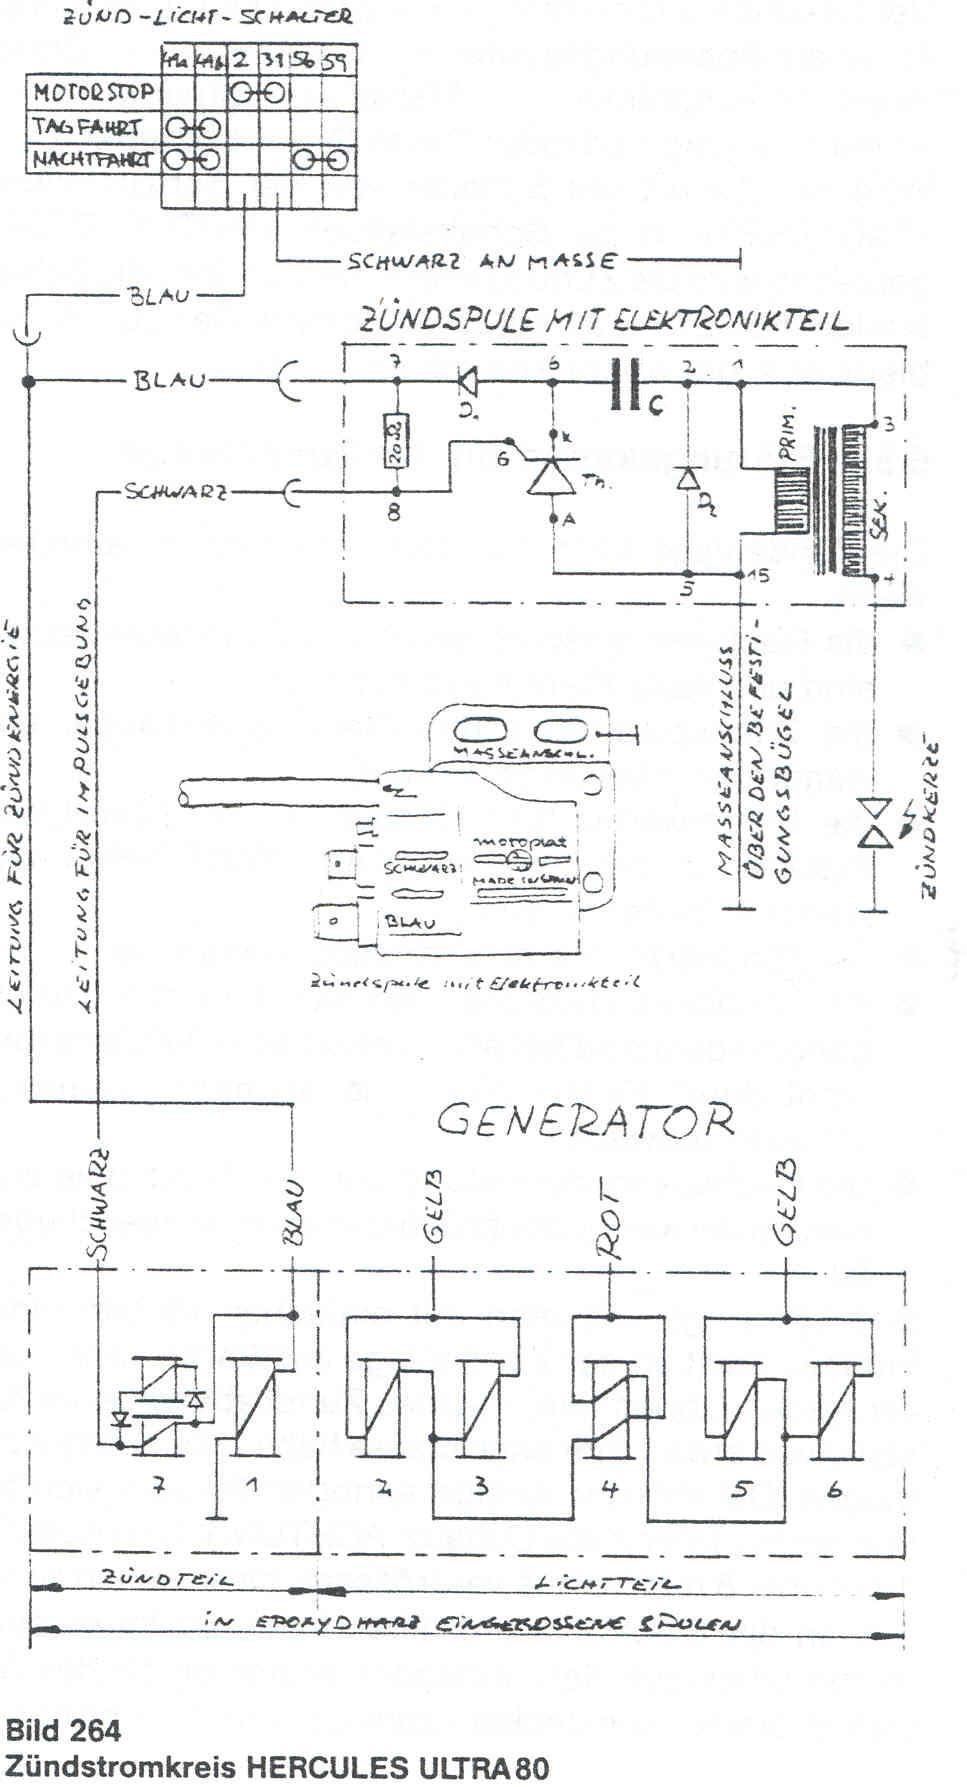 коммутатор 96.3734 зажигания схема подключения